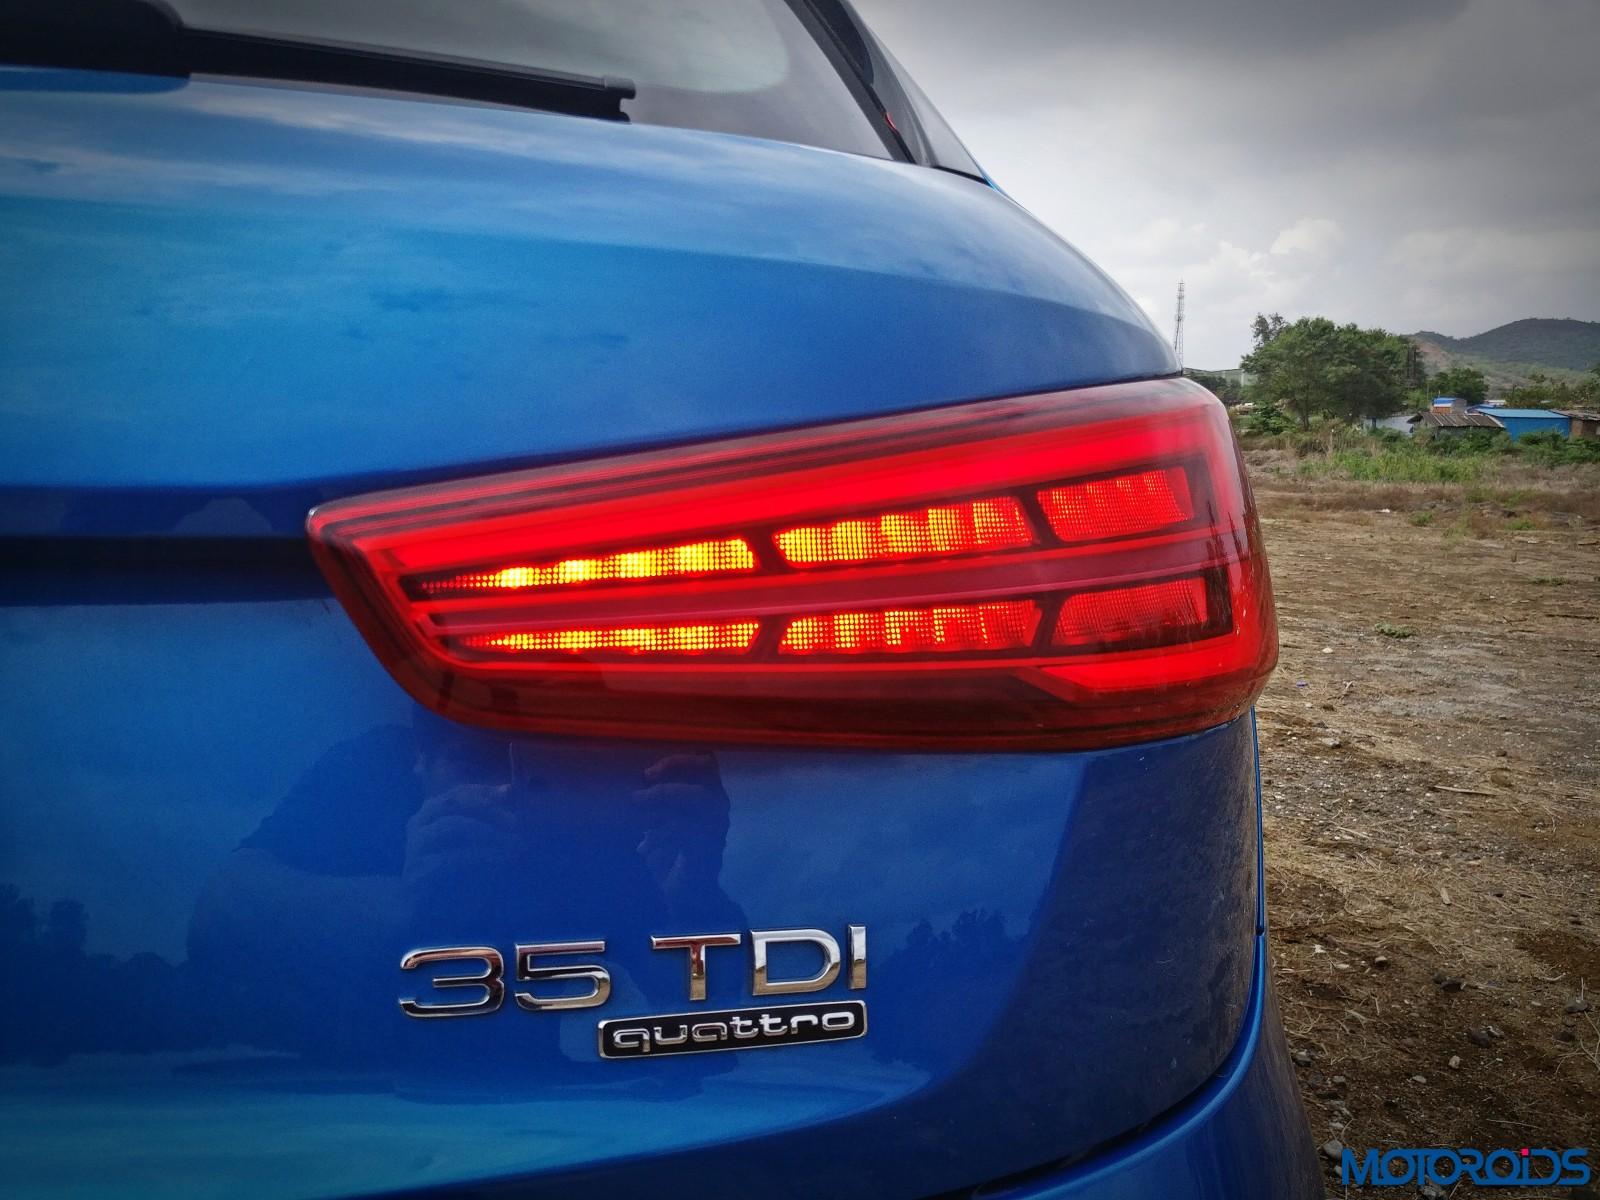 Audi Q3 Price In India, Variants, Specifications - Motoroids